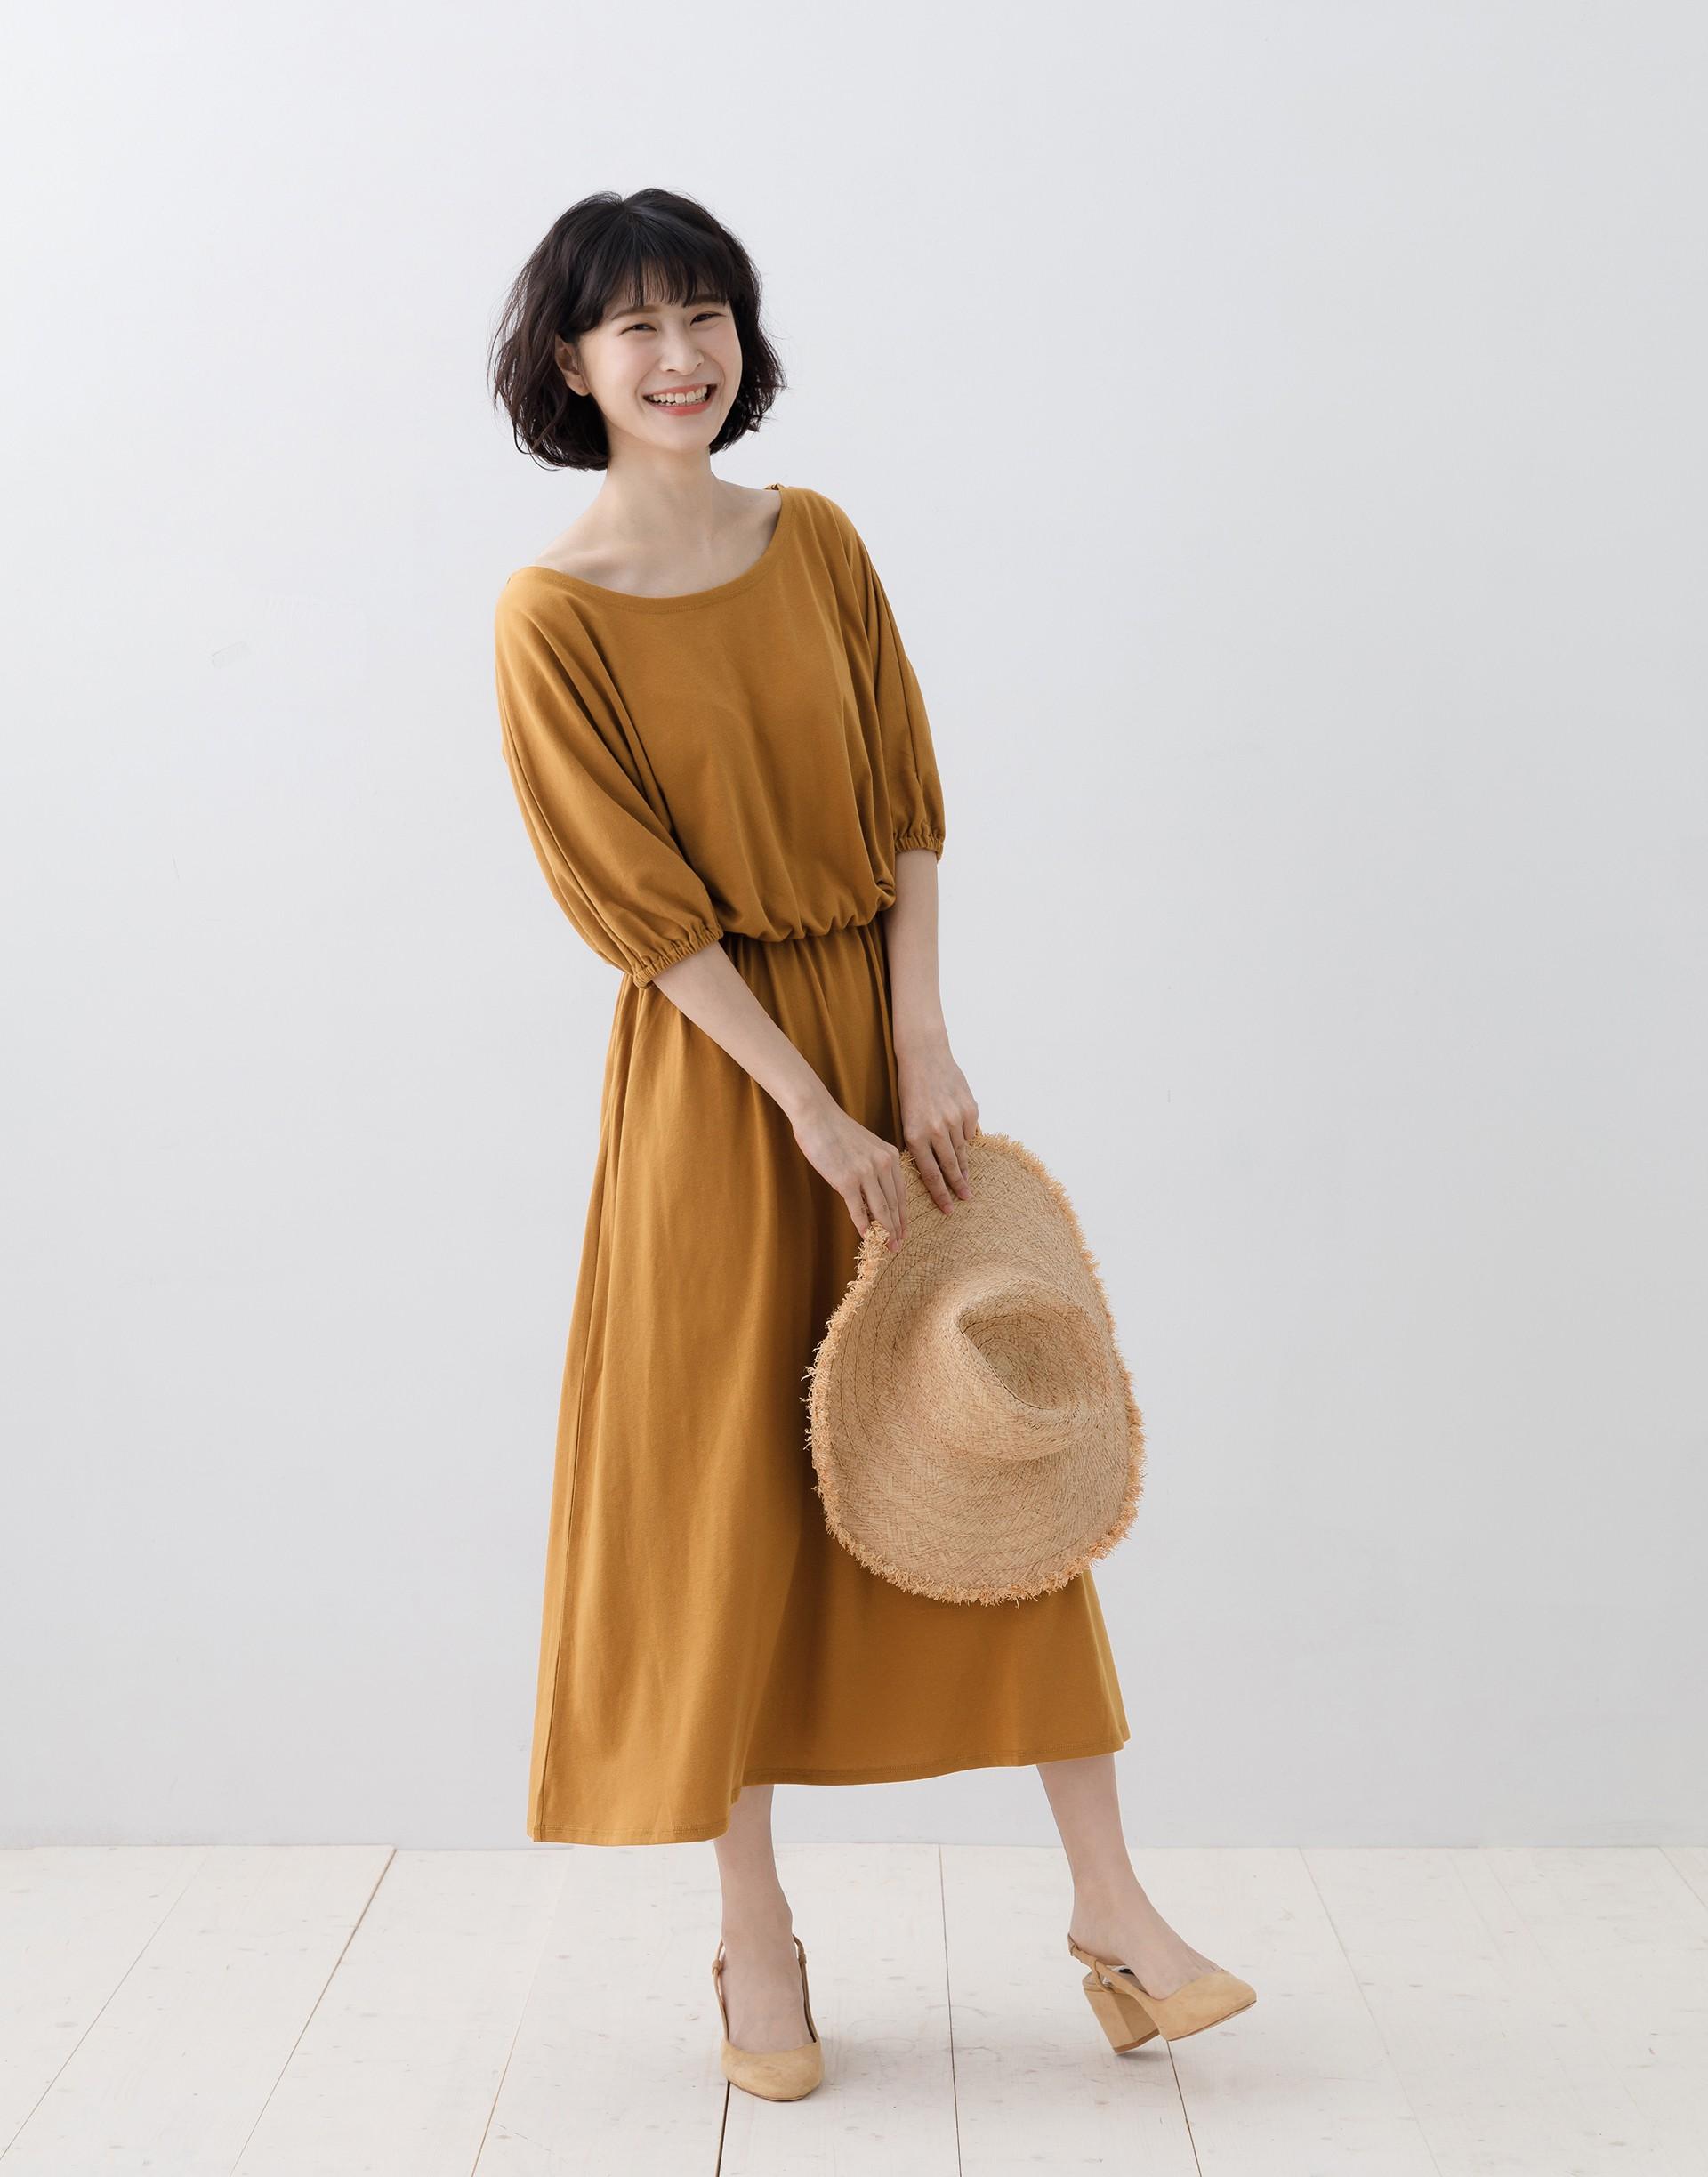 彈性:適中 五分袖設計、鬆緊腰設計、柔軟舒適面料